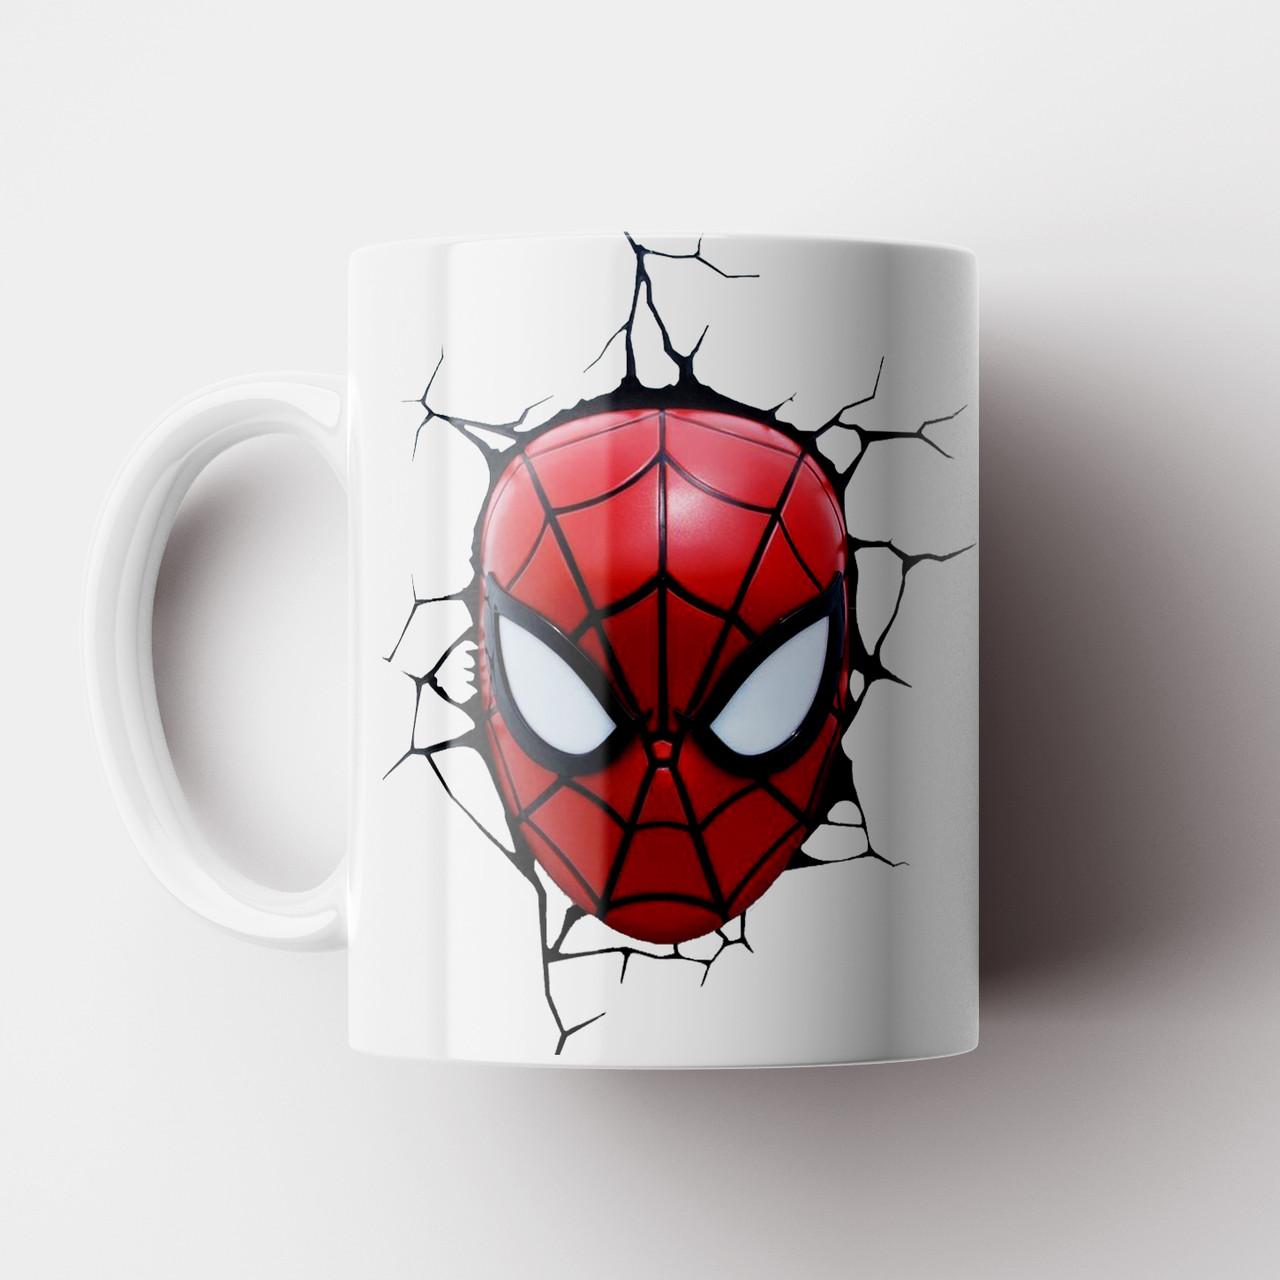 Кружка с принтом Человек паук. Чашка с принтом Spider-Man v12. Чашка с фото